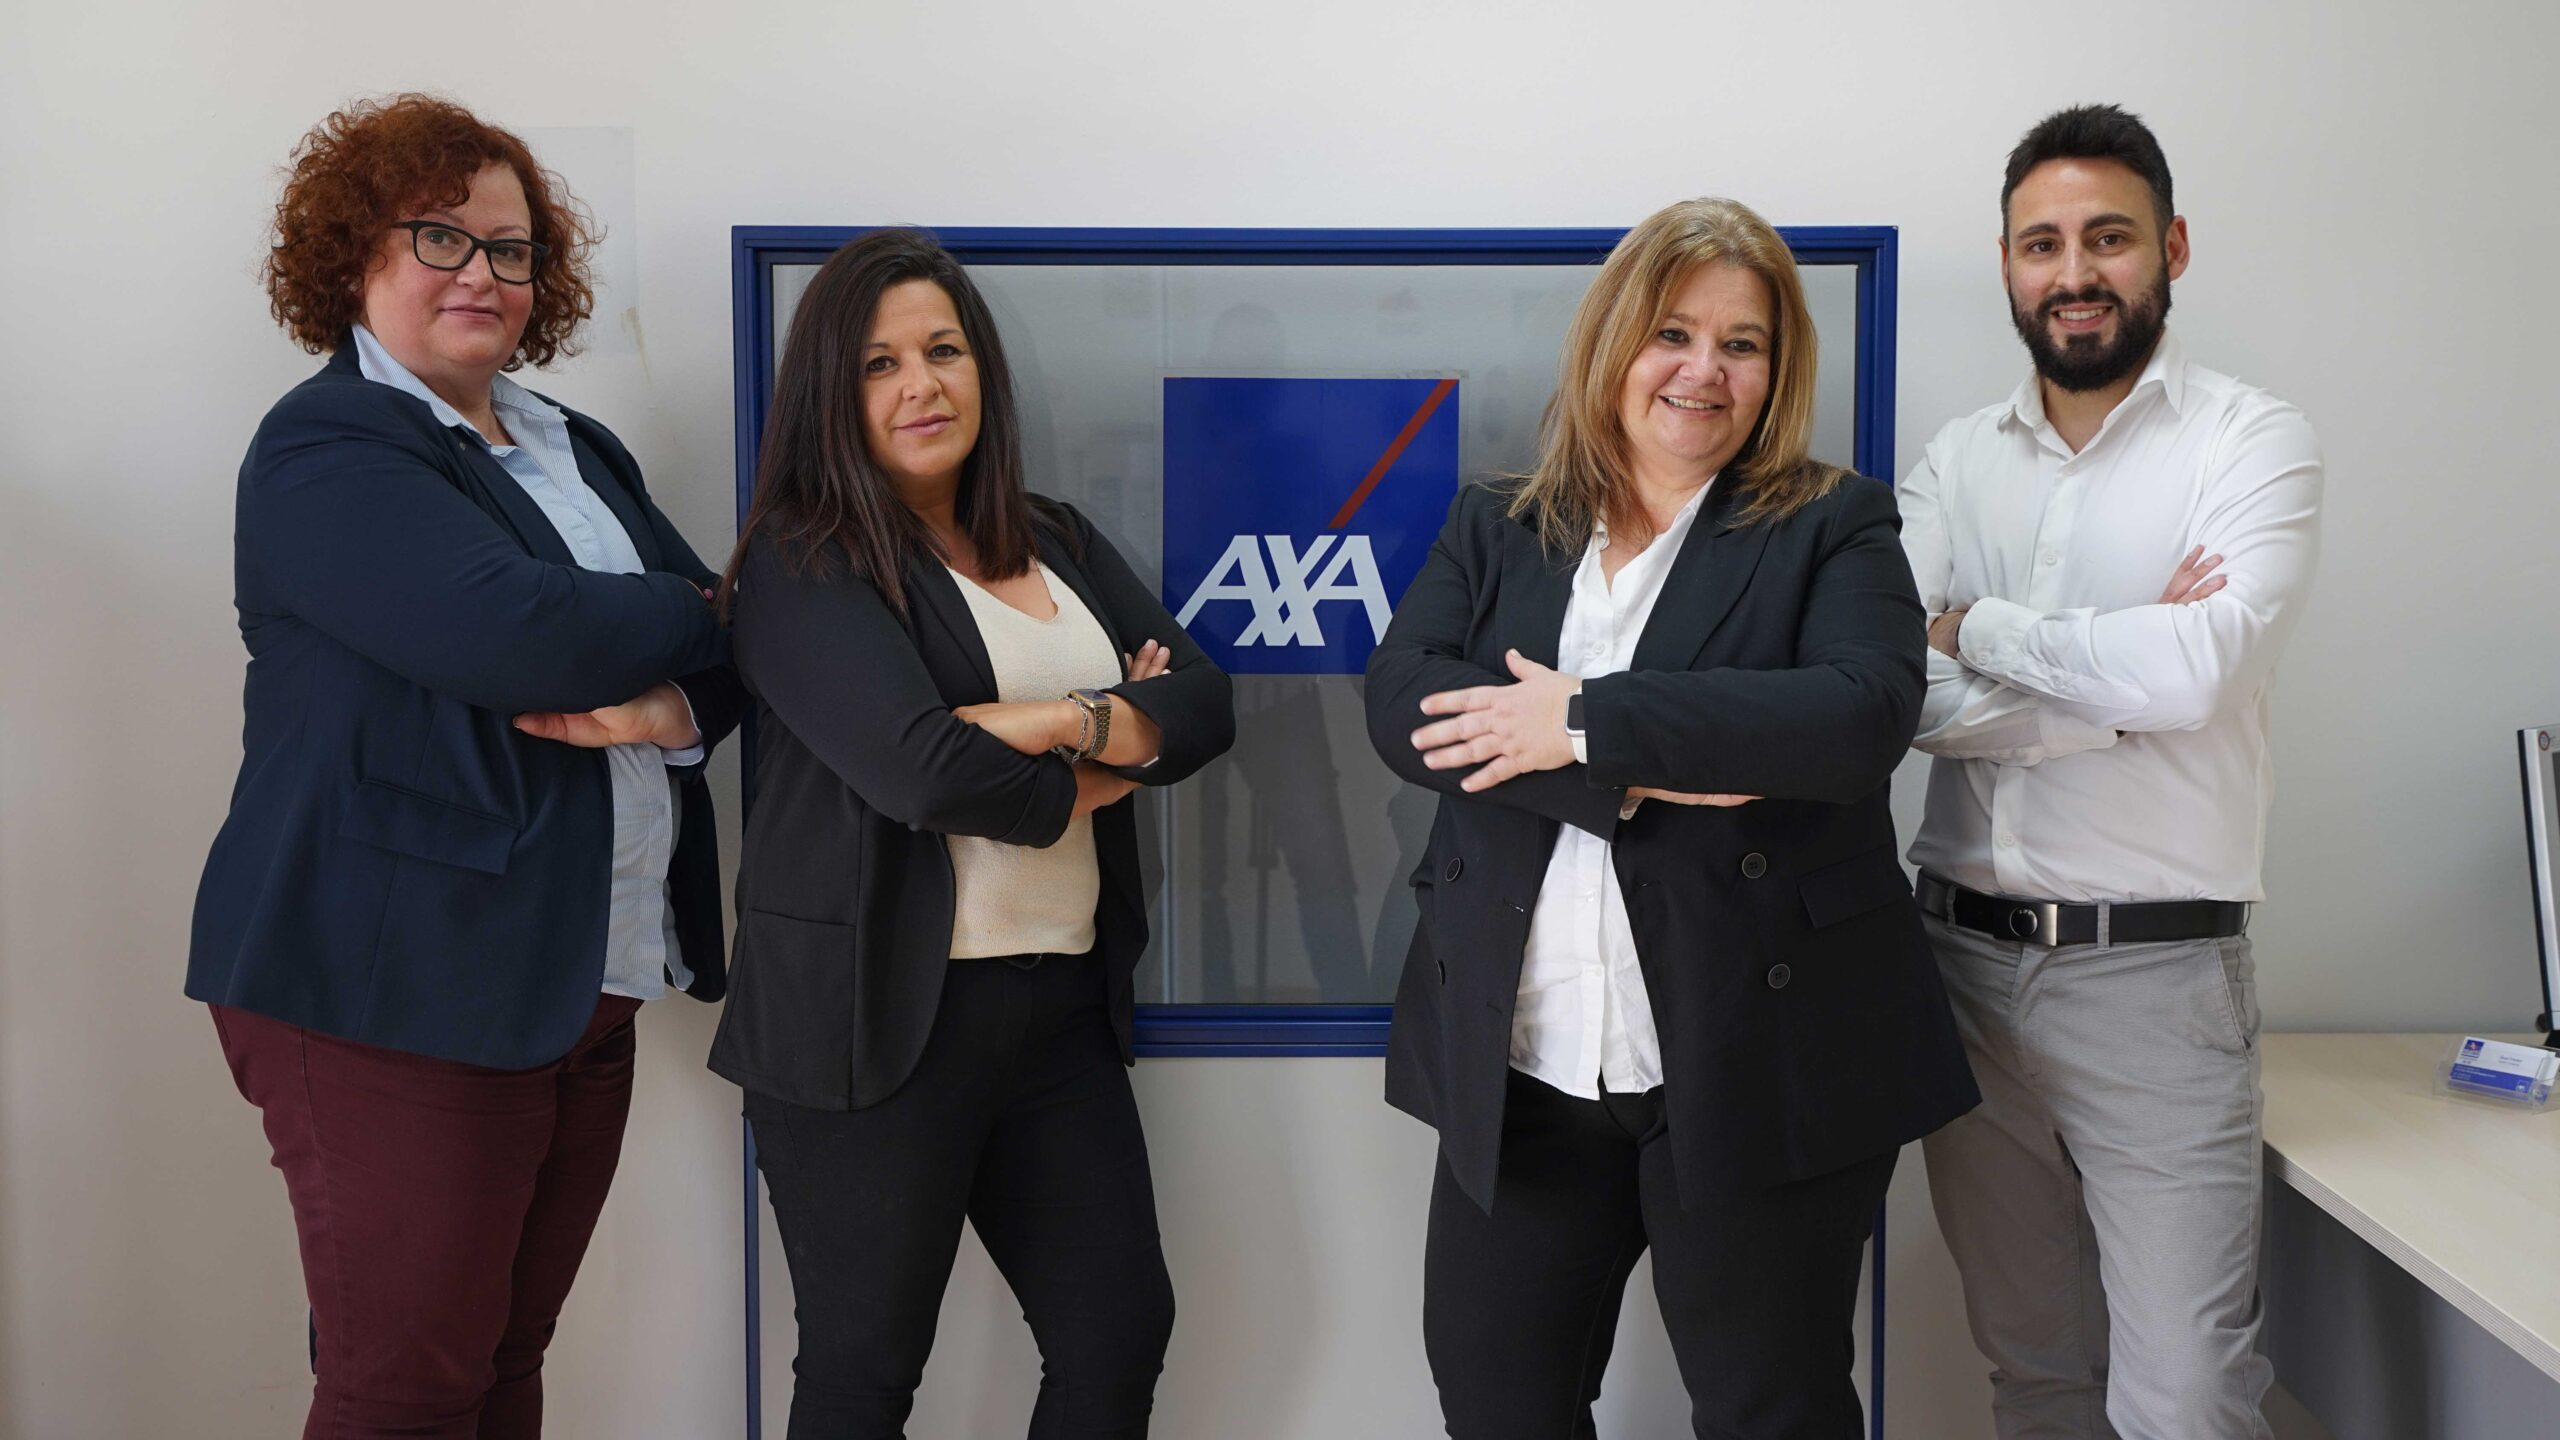 oficina de seguros AXA San Vicente